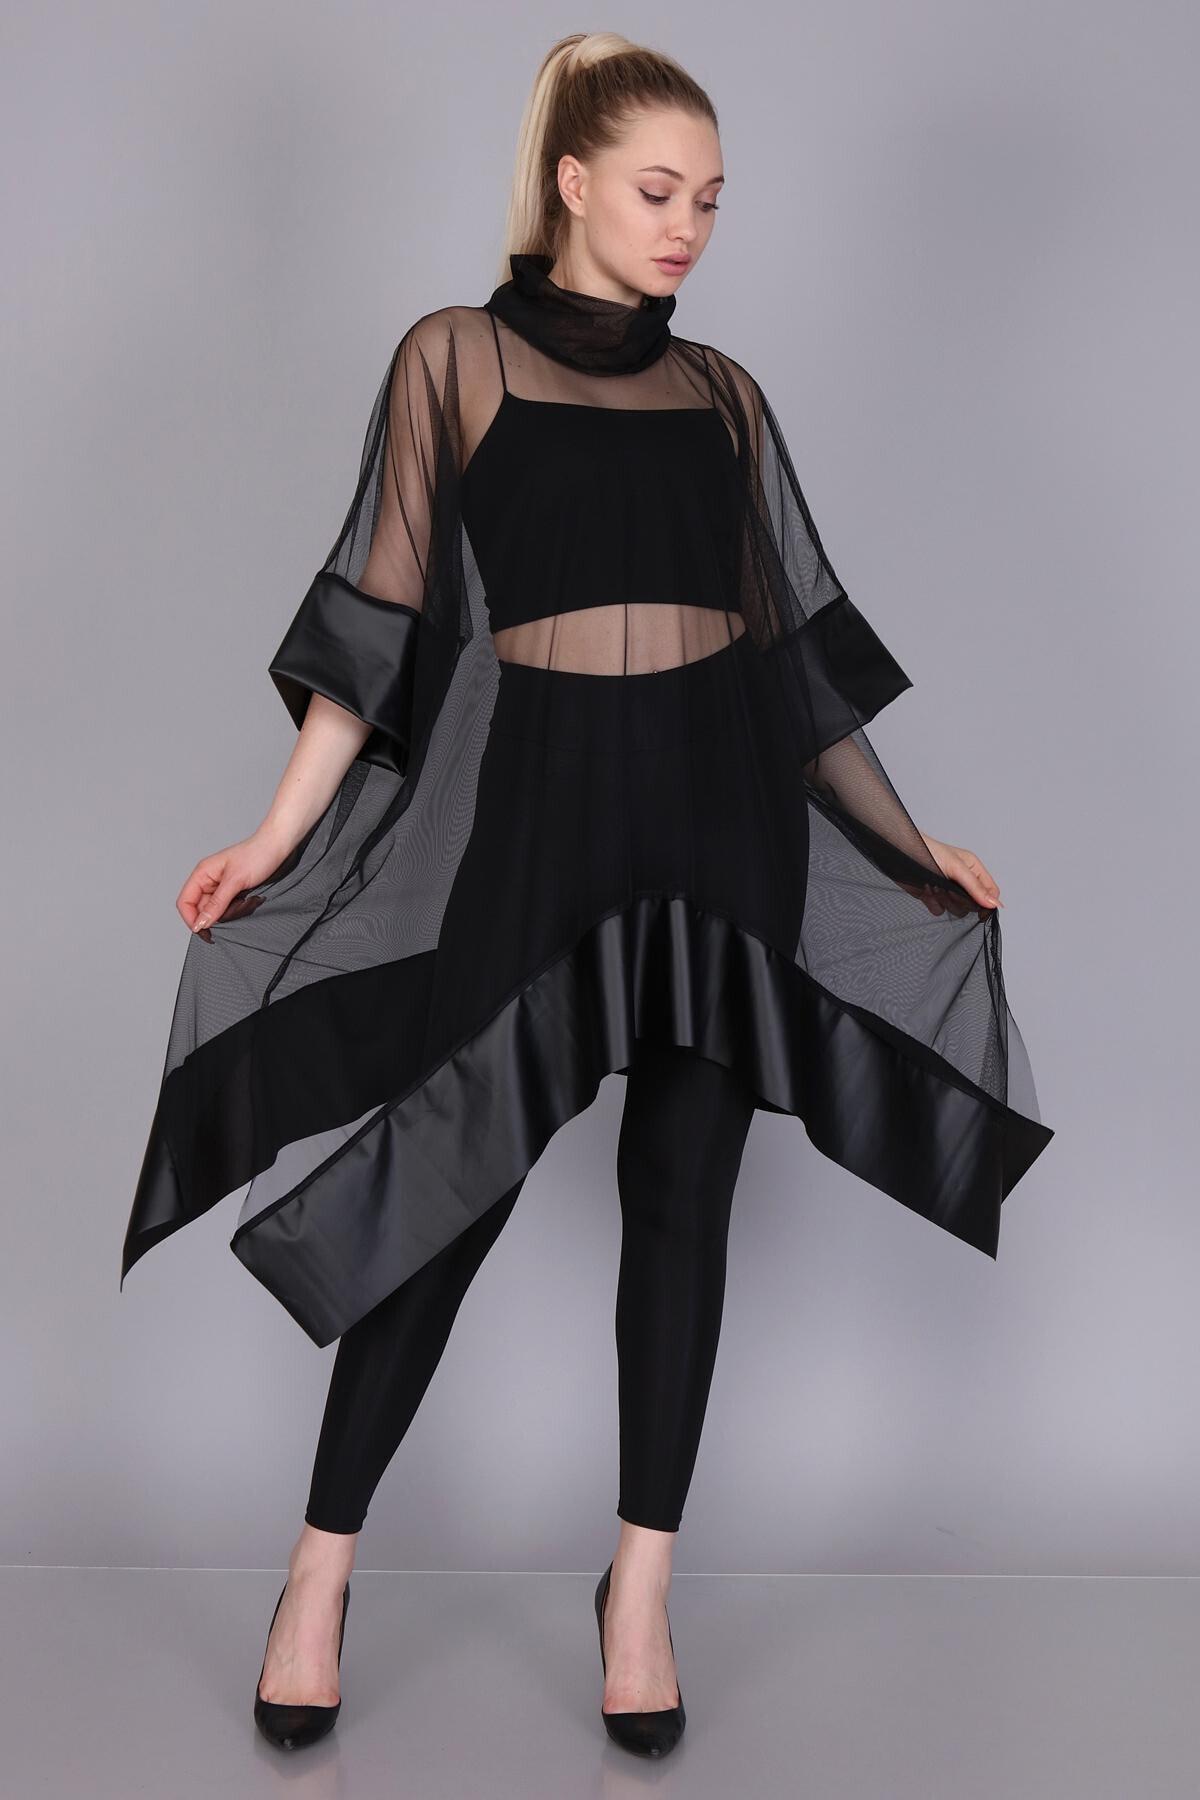 Mi&So Kadın Siyah Tül Derili Bluz M&S5101Pnç 4